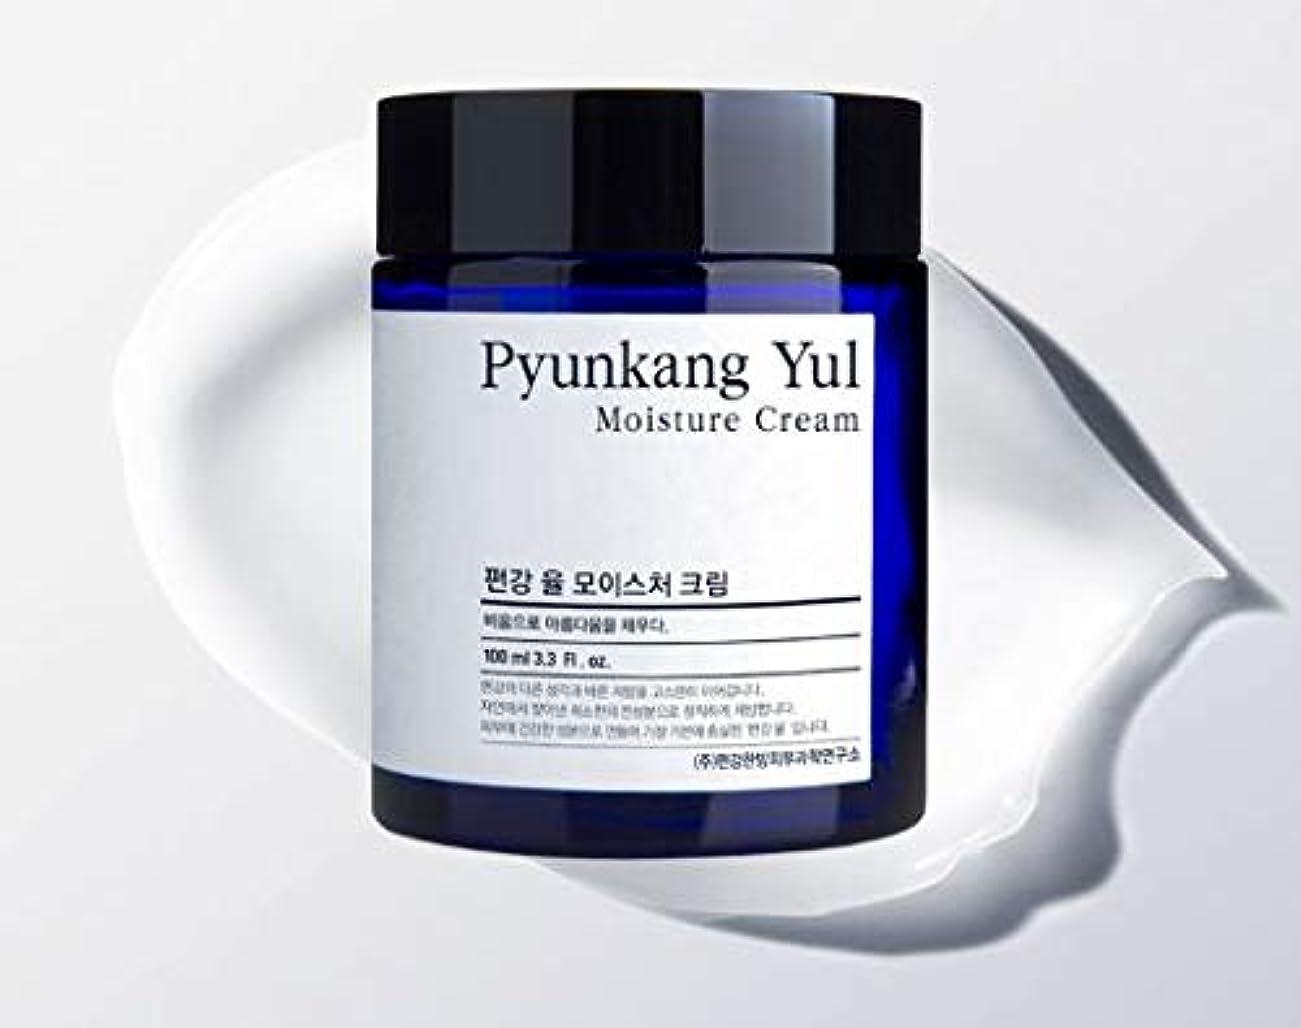 連帯製造配当[Pyunkang Yul] Moisture Cream 100ml /モイスチャークリーム 100ml [並行輸入品]